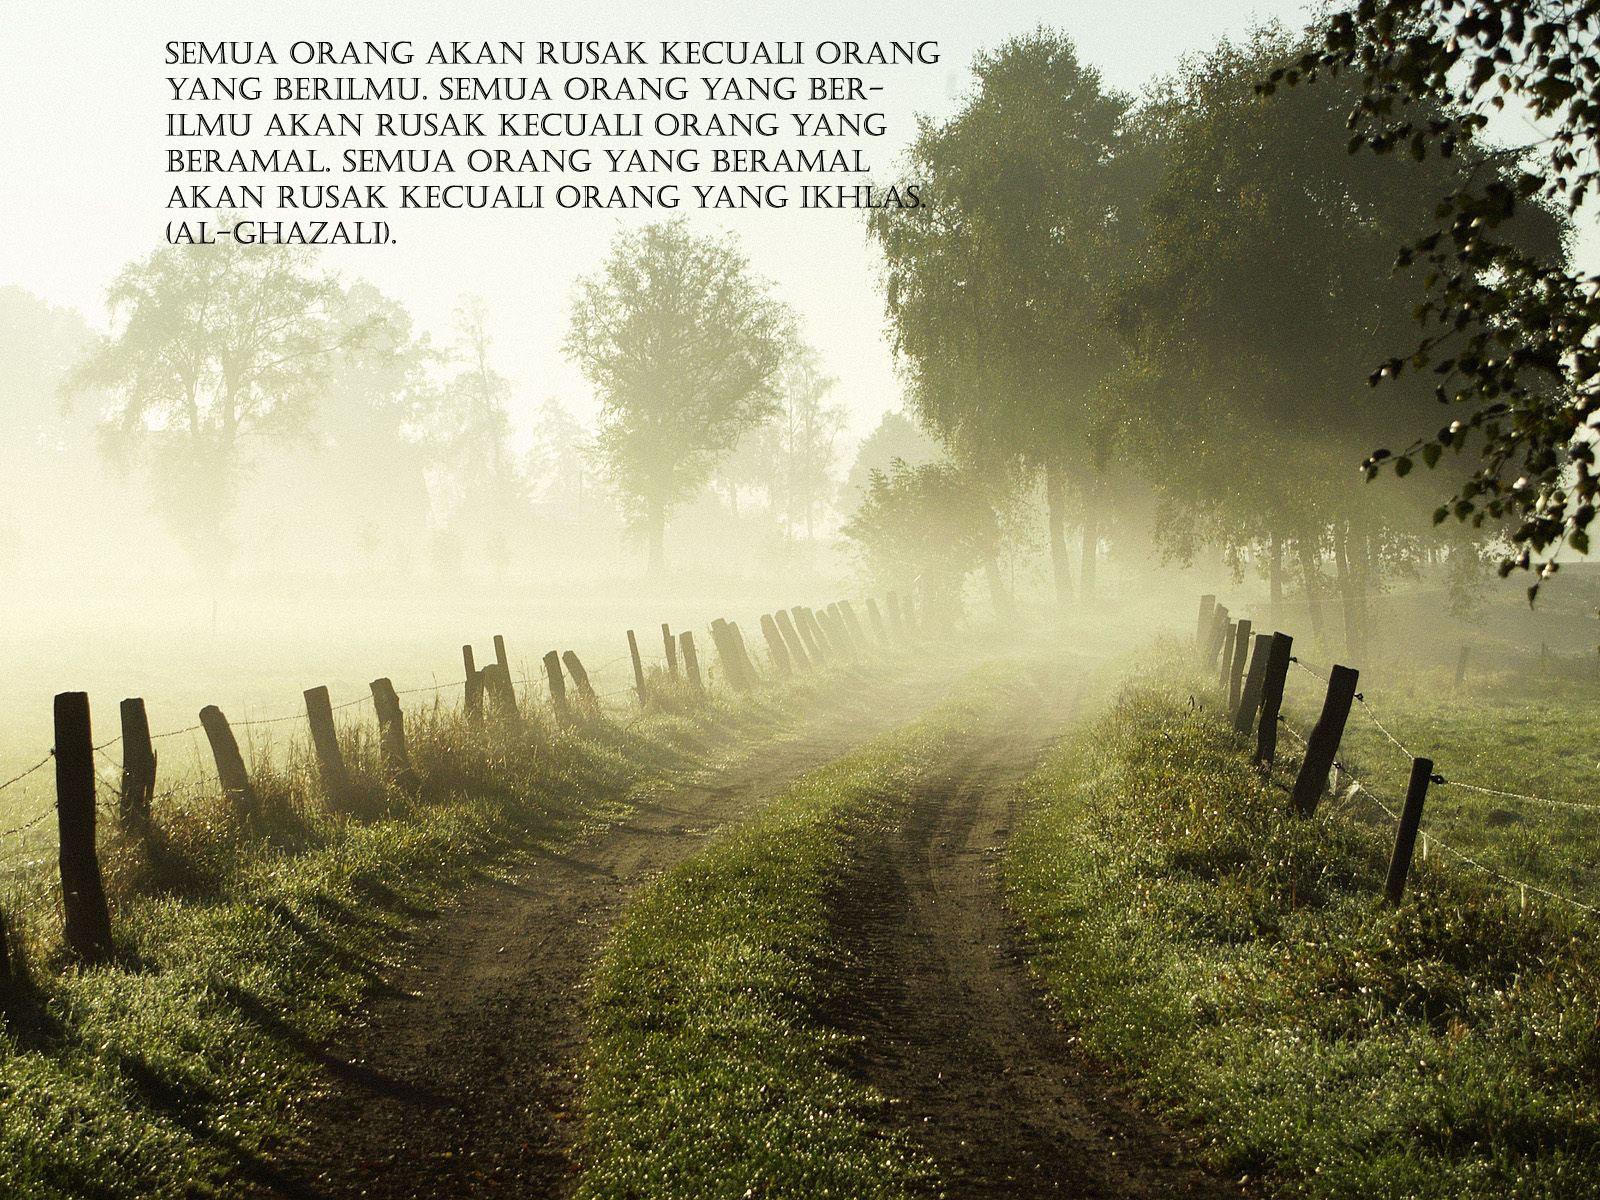 http://1.bp.blogspot.com/-DmcEASFWEfA/TyJaQn2iwZI/AAAAAAAAAHo/493QX-SKqgg/s1600/islami-1.jpg